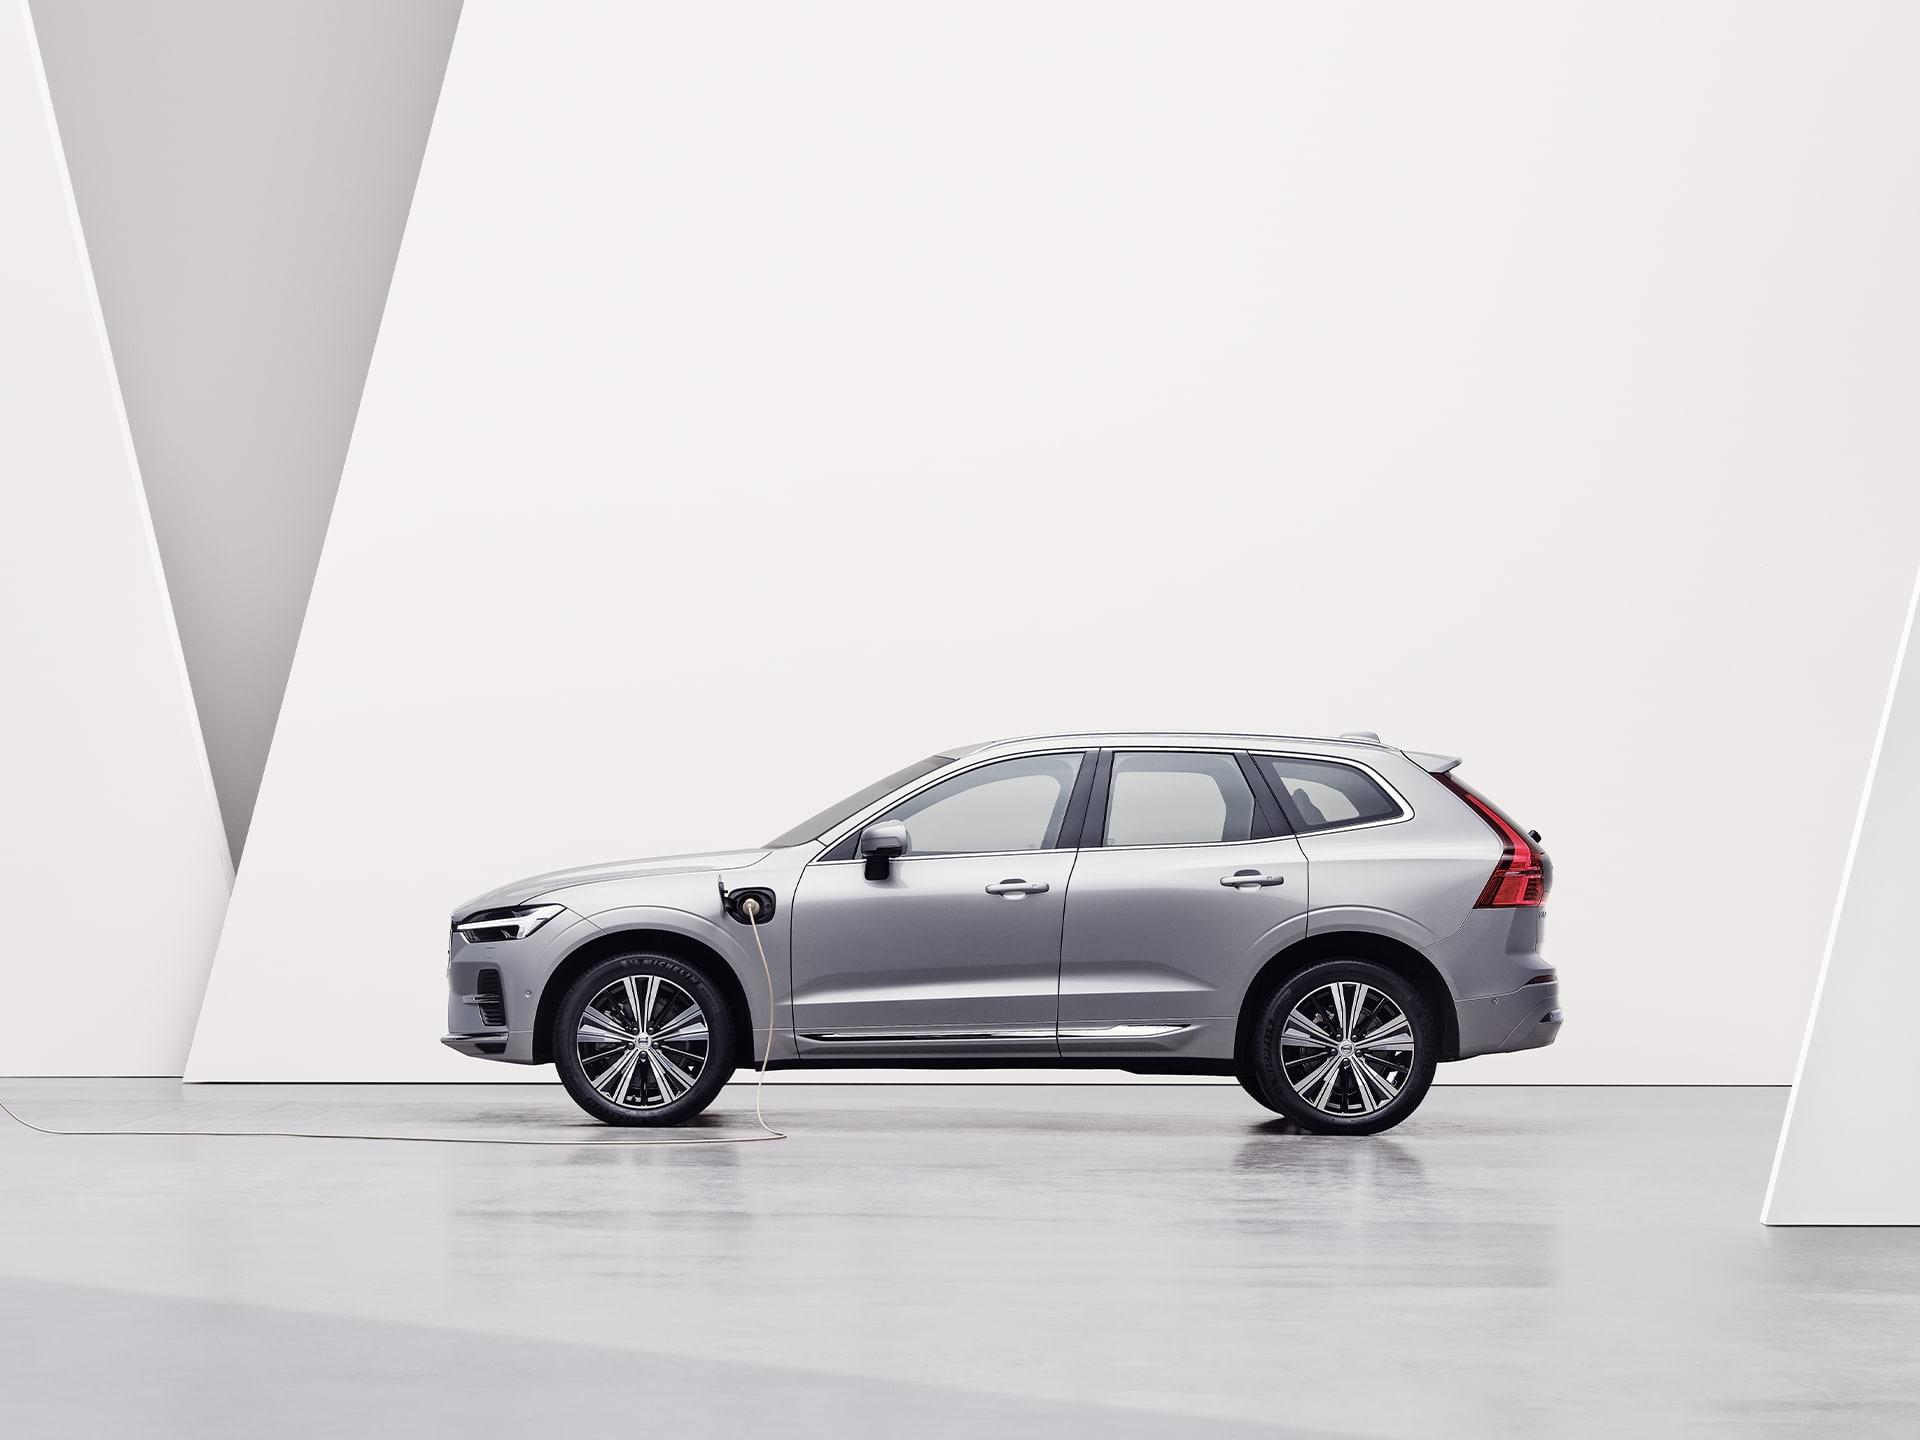 Un Volvo XC60 Recharge plateado, recargándose en un entorno blanco.